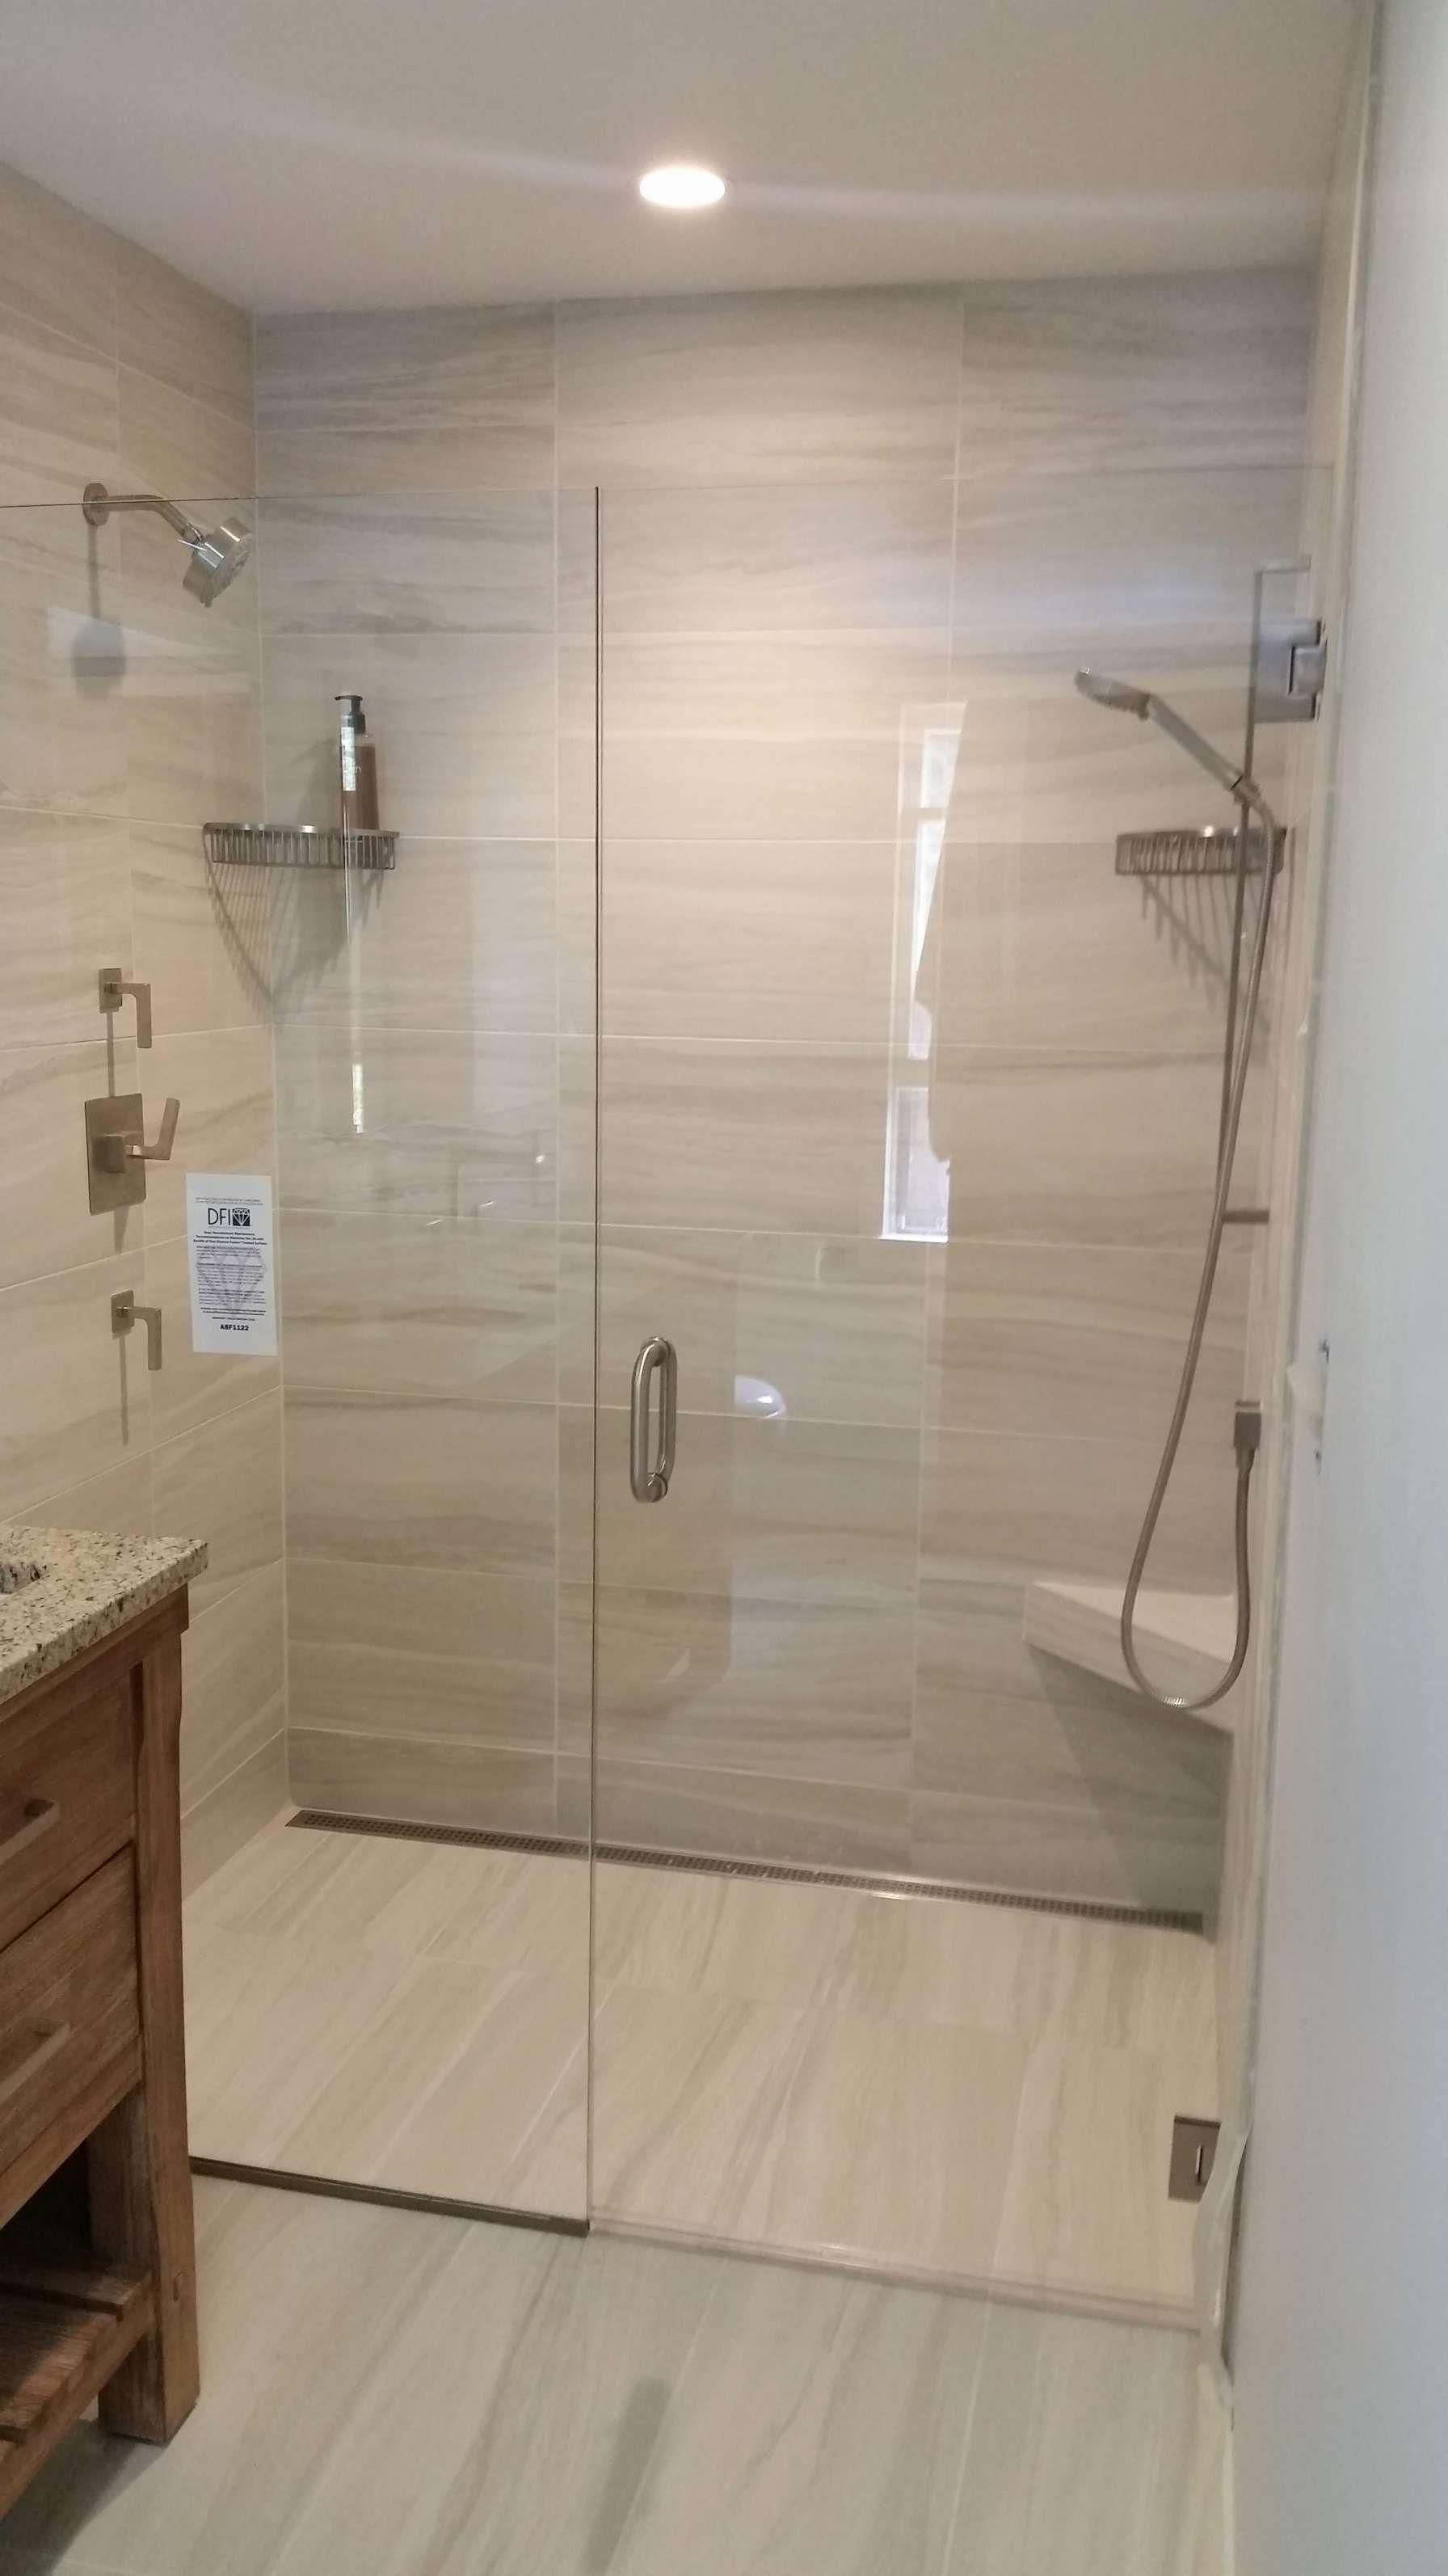 Dusche Ideen Fur Kleine Badezimmer Dusche Ideen Fur Kleine Badezimmer Wenn Sie Mochten Dass Ihre Neue Badezimmer Umgestalten Badezimmer Dusche Umgestalten